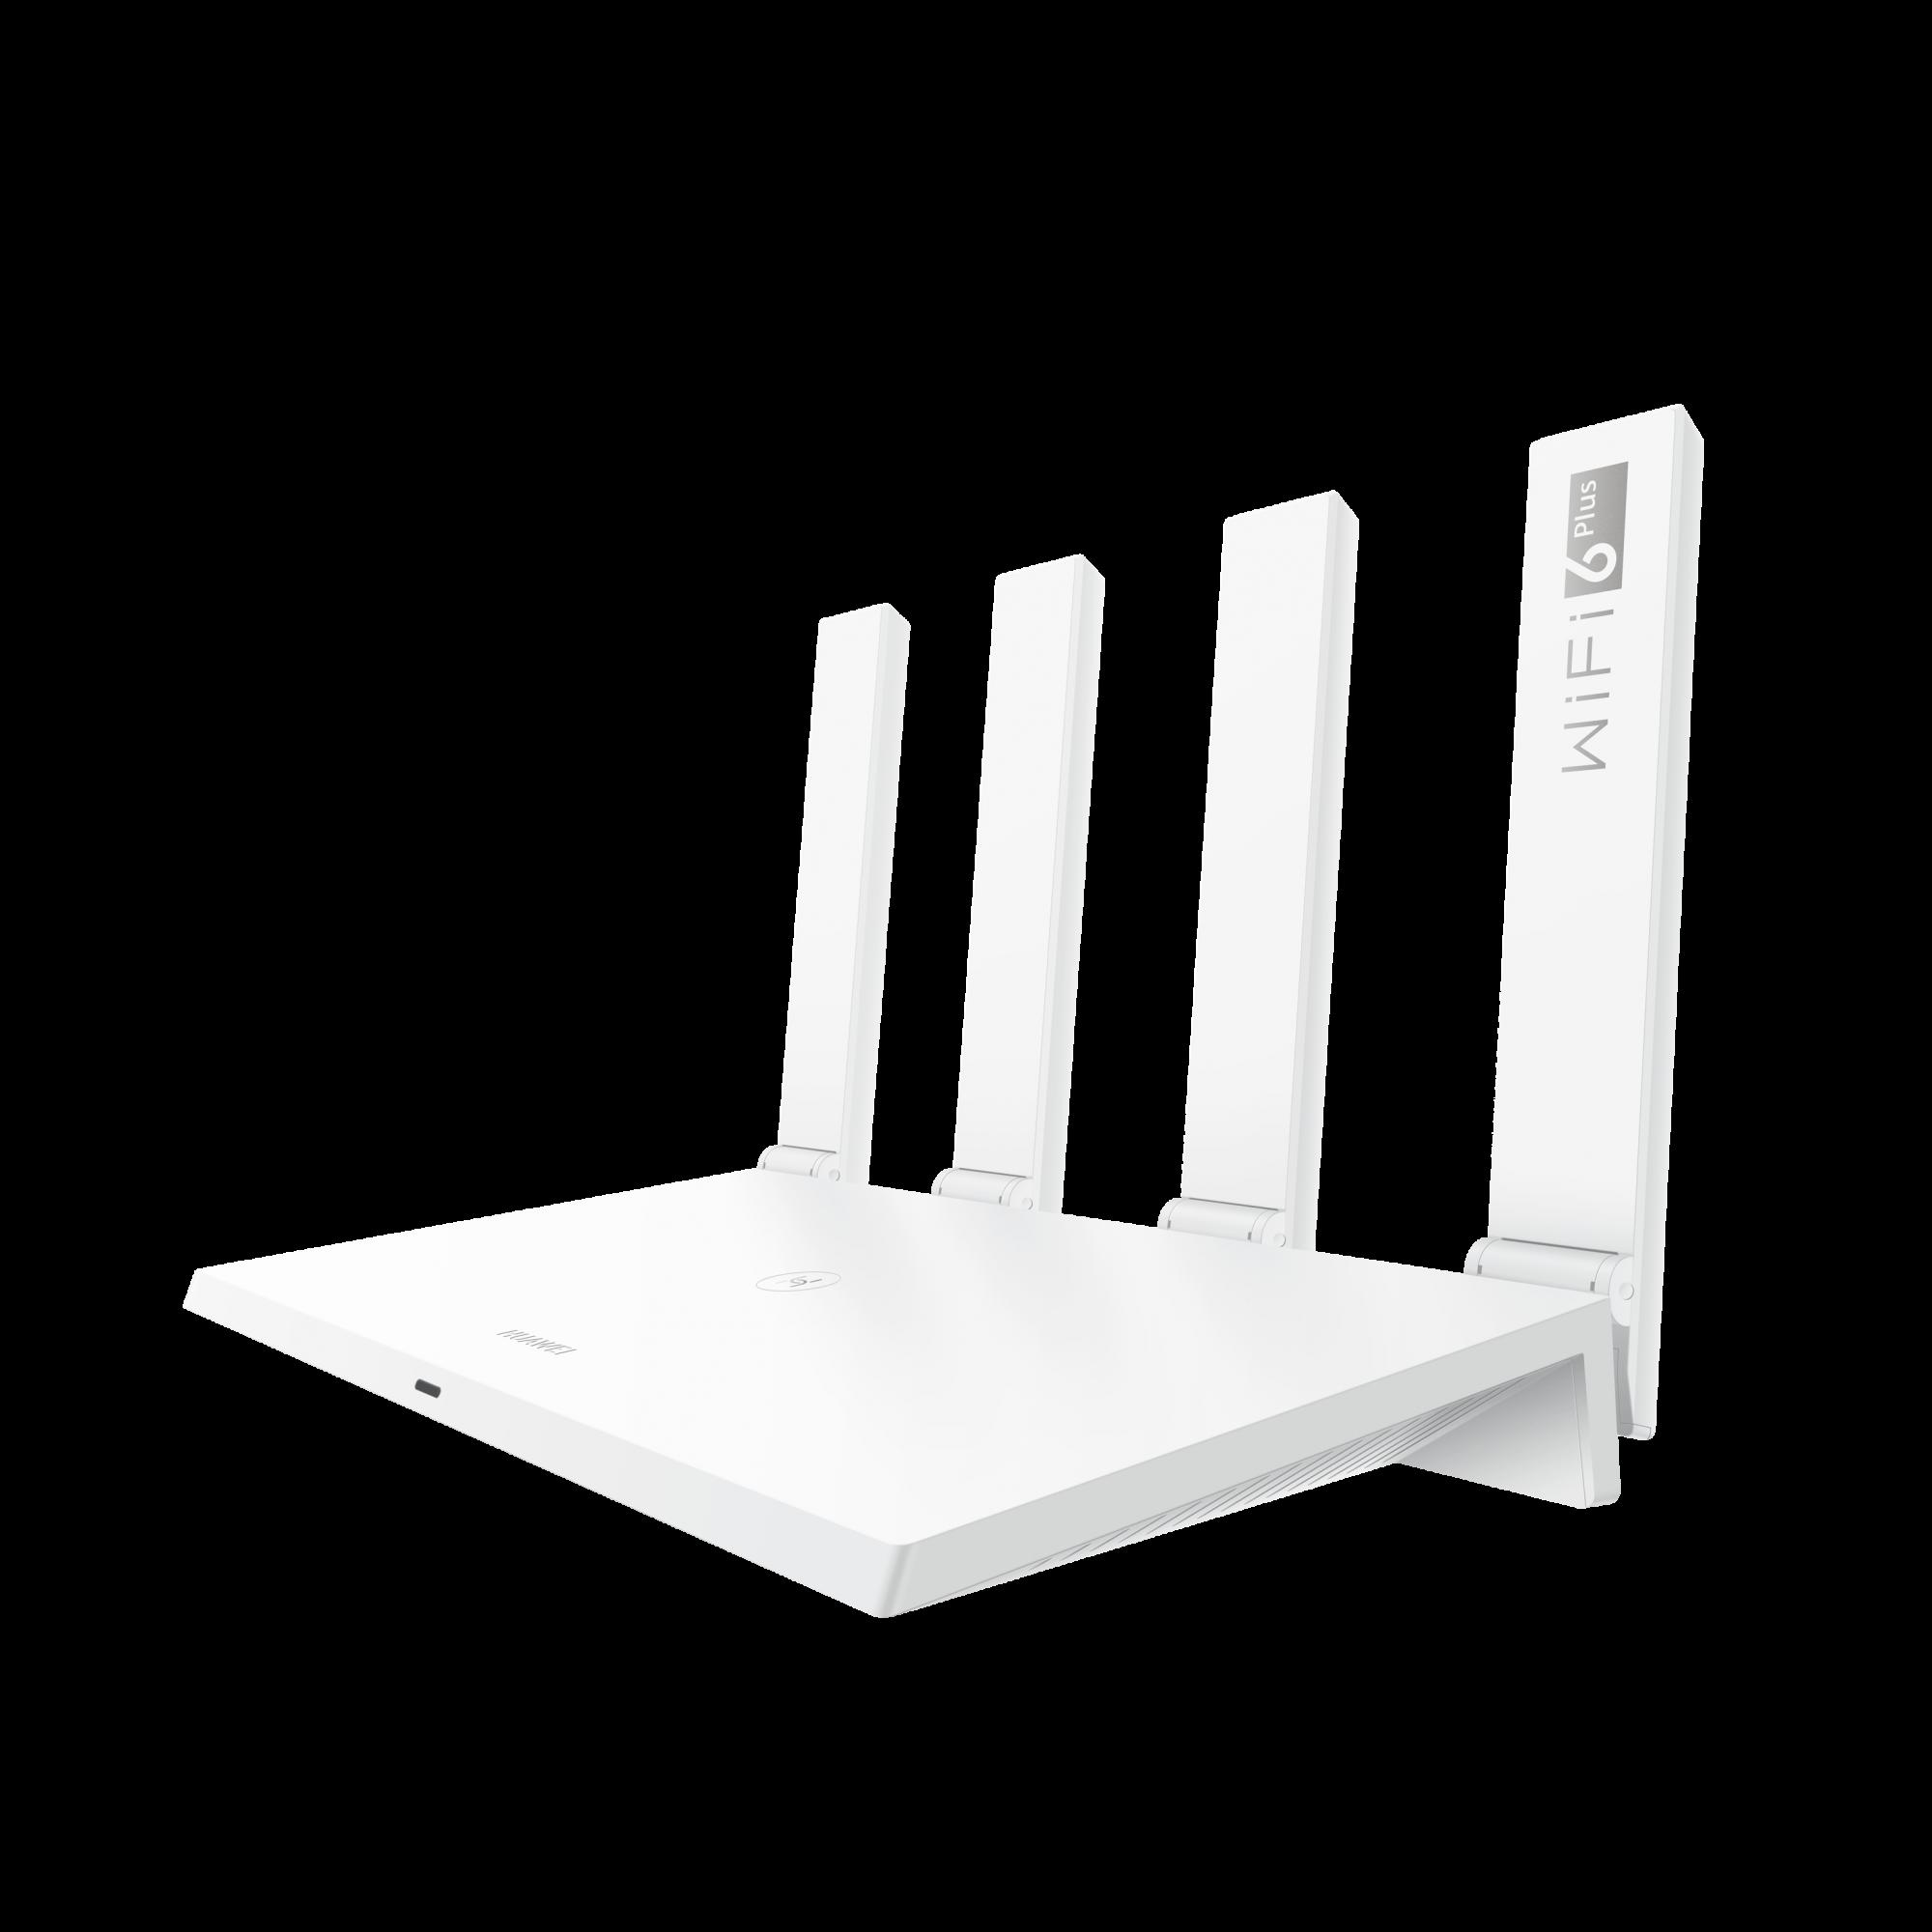 HUAWEI-WiFi-AX3-2